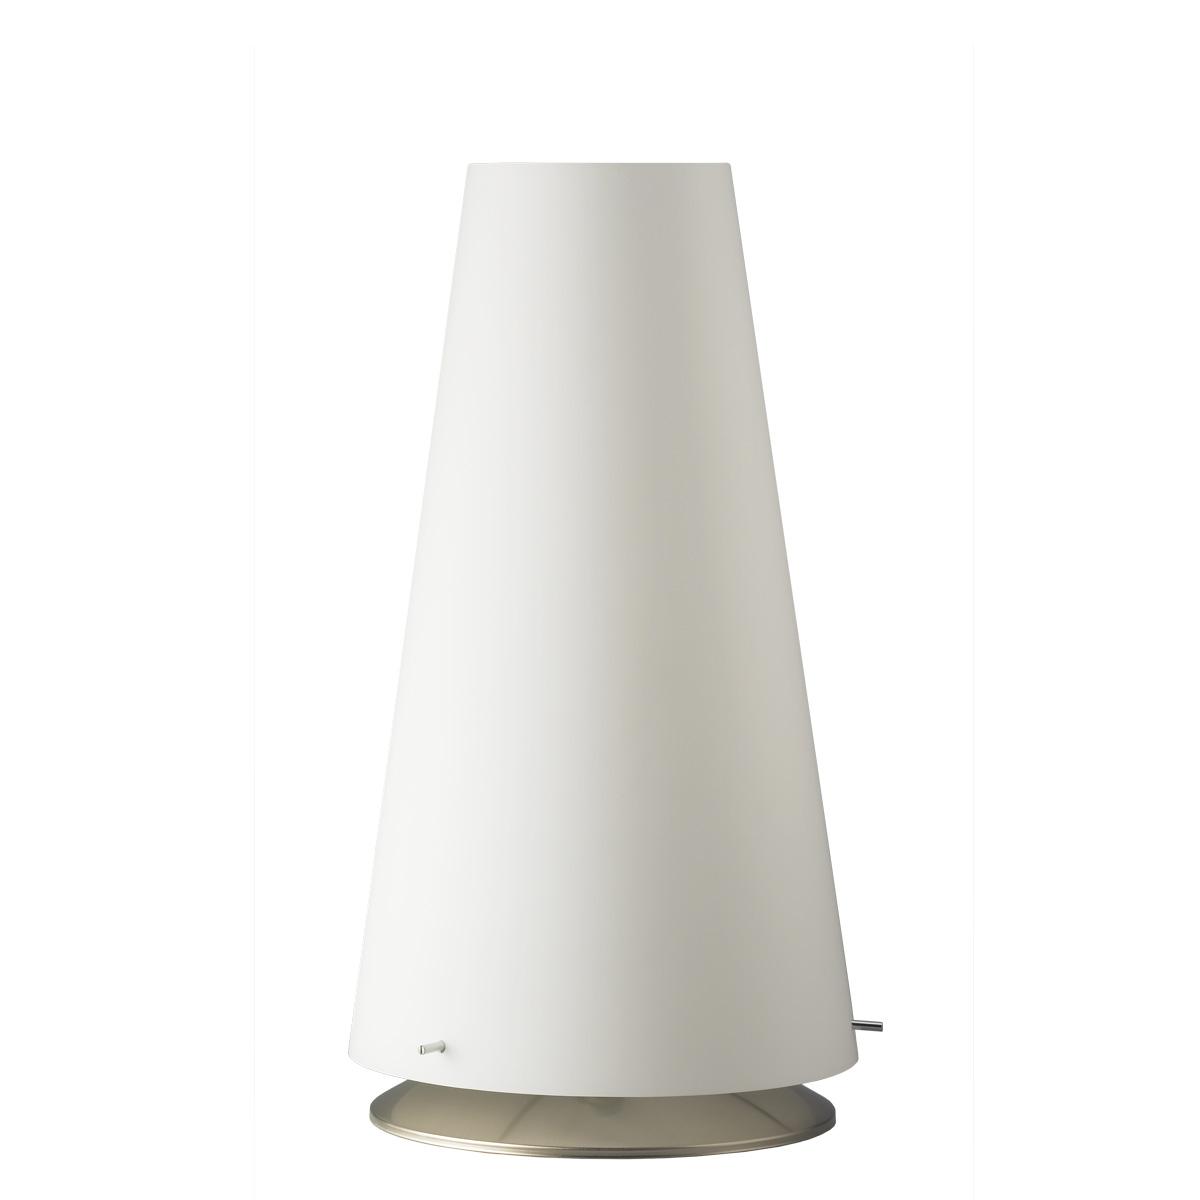 Φωτιστικό επιτραπέζιο Μουράνο ΚΩΝΟΙ murano table lamp